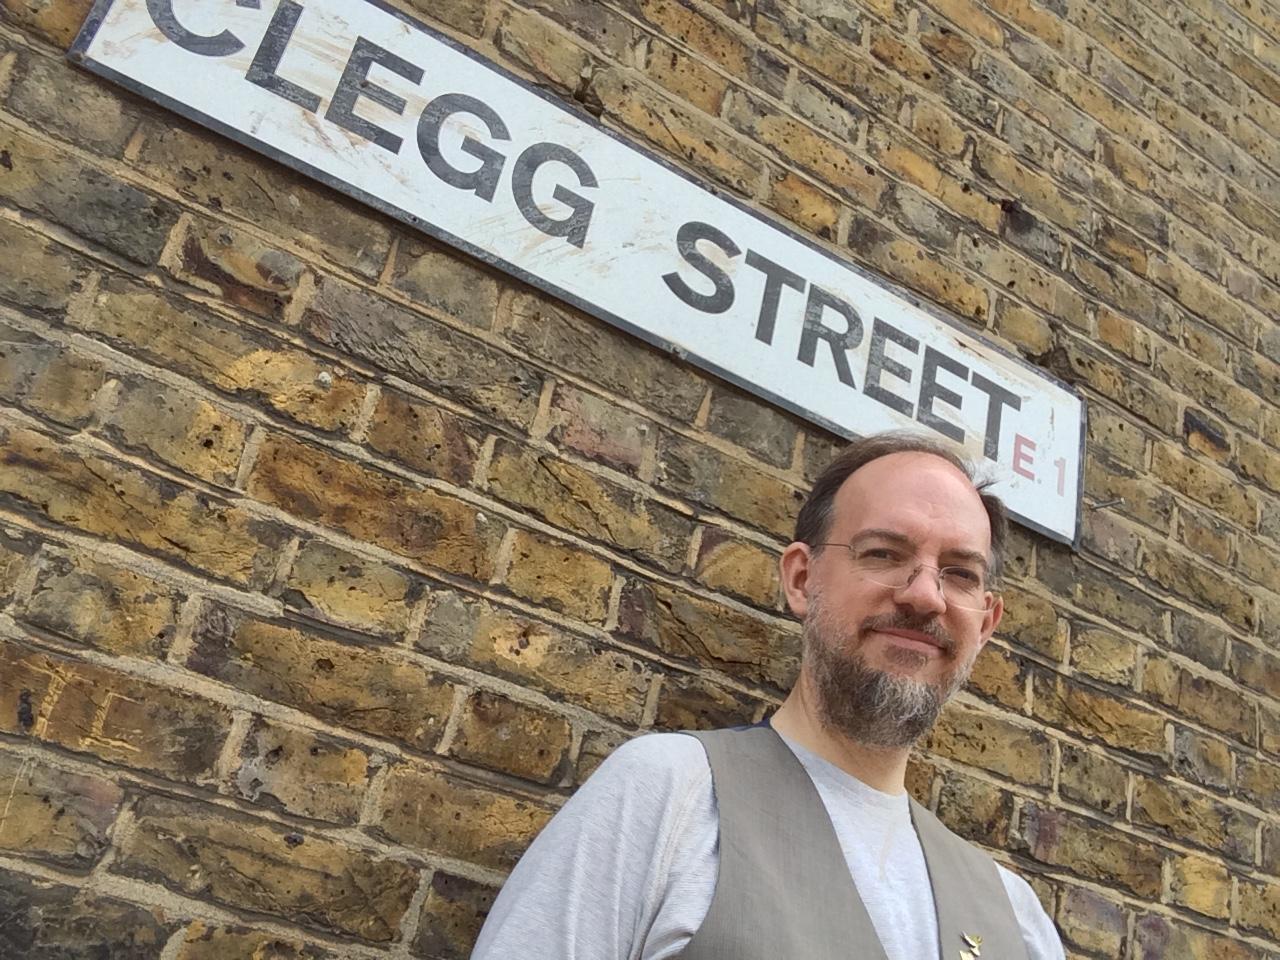 Richard_Clegg_St_cover.jpg